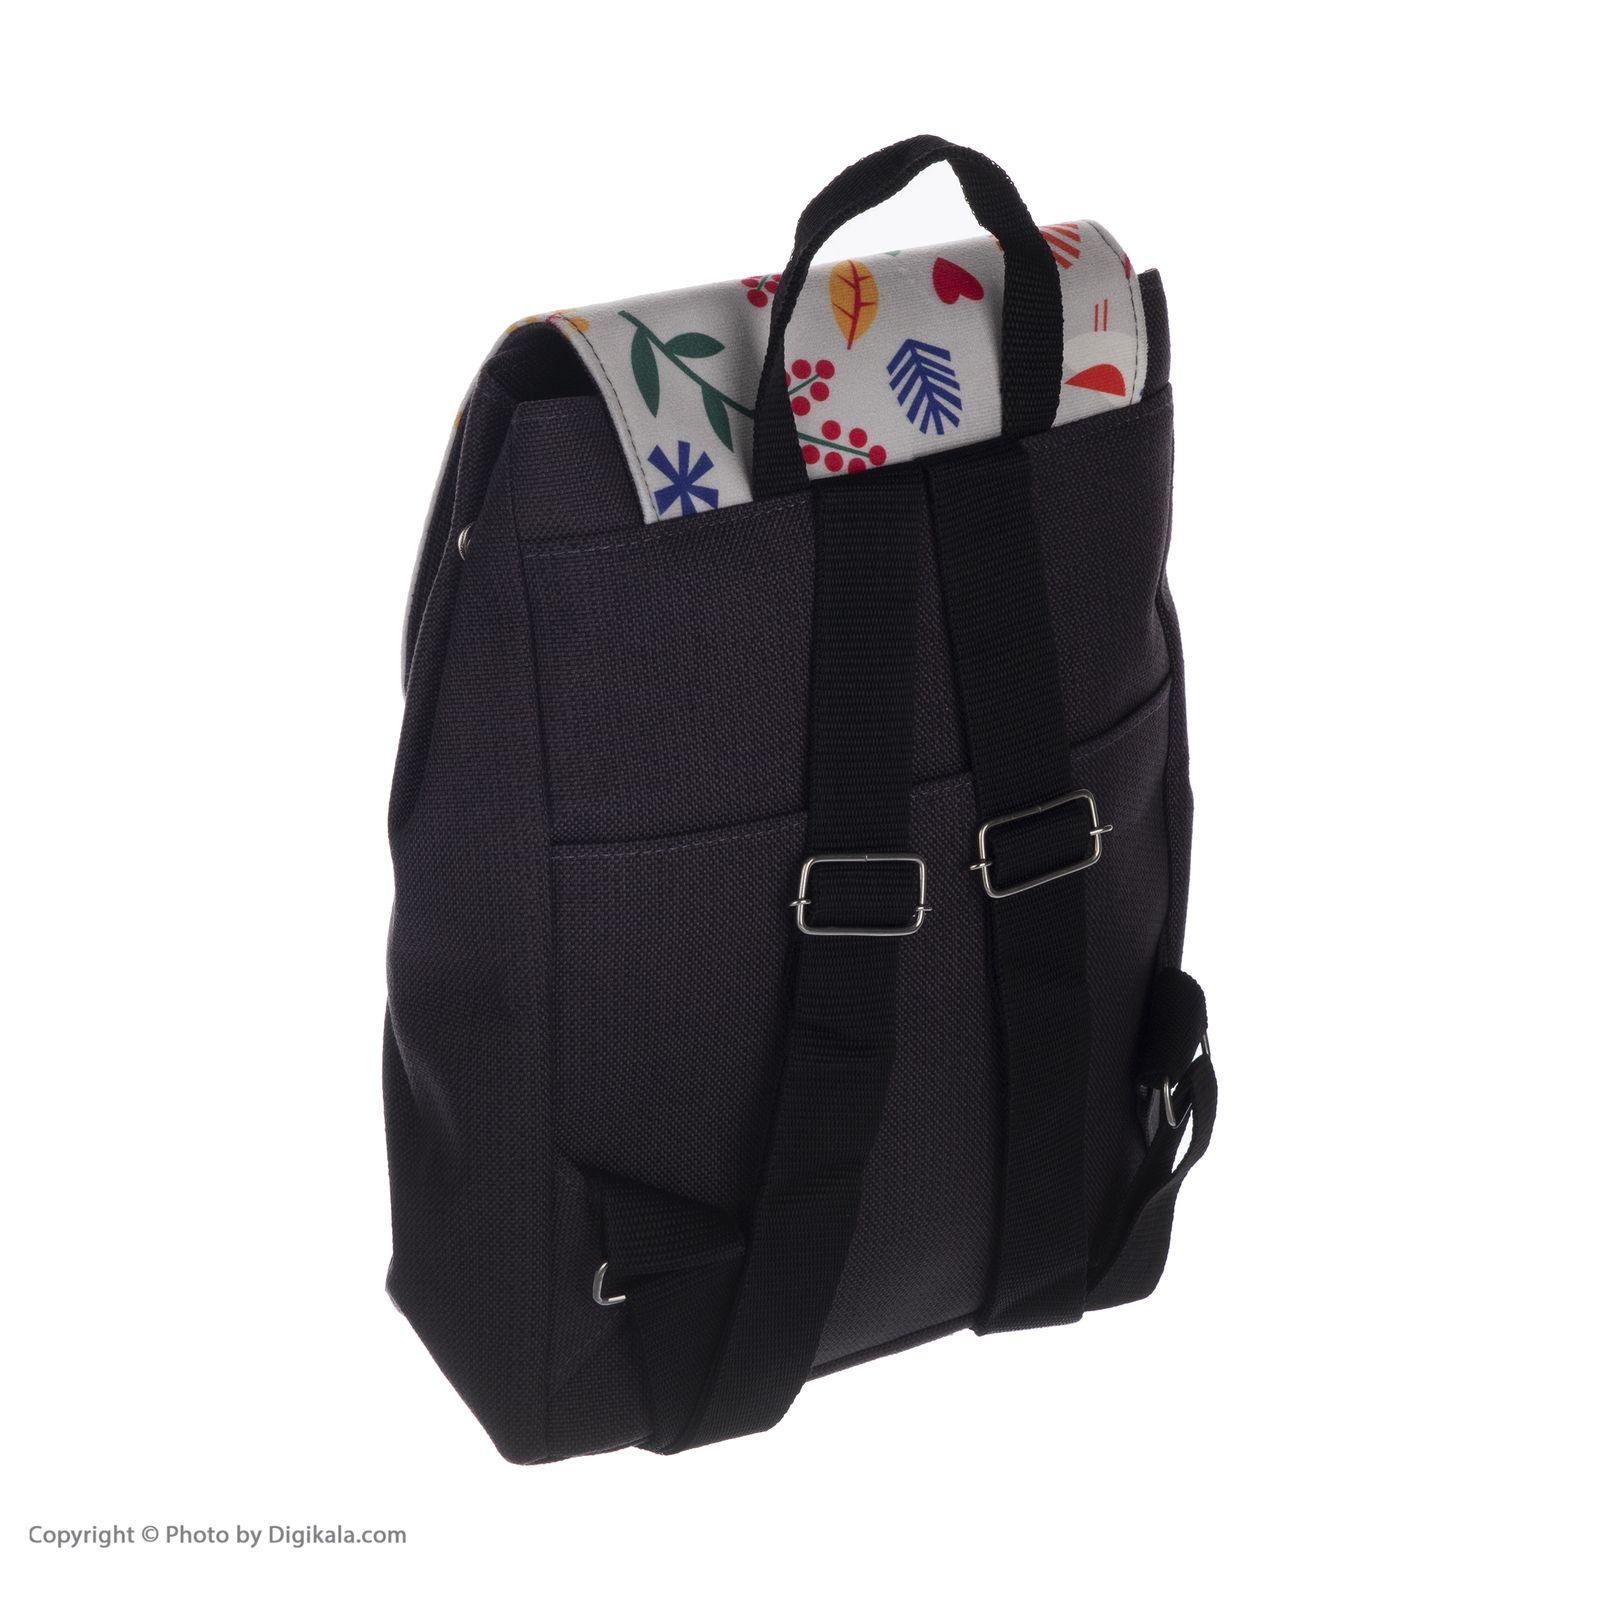 کوله پشتی زنانه میو مدل MBPM153 -  - 3